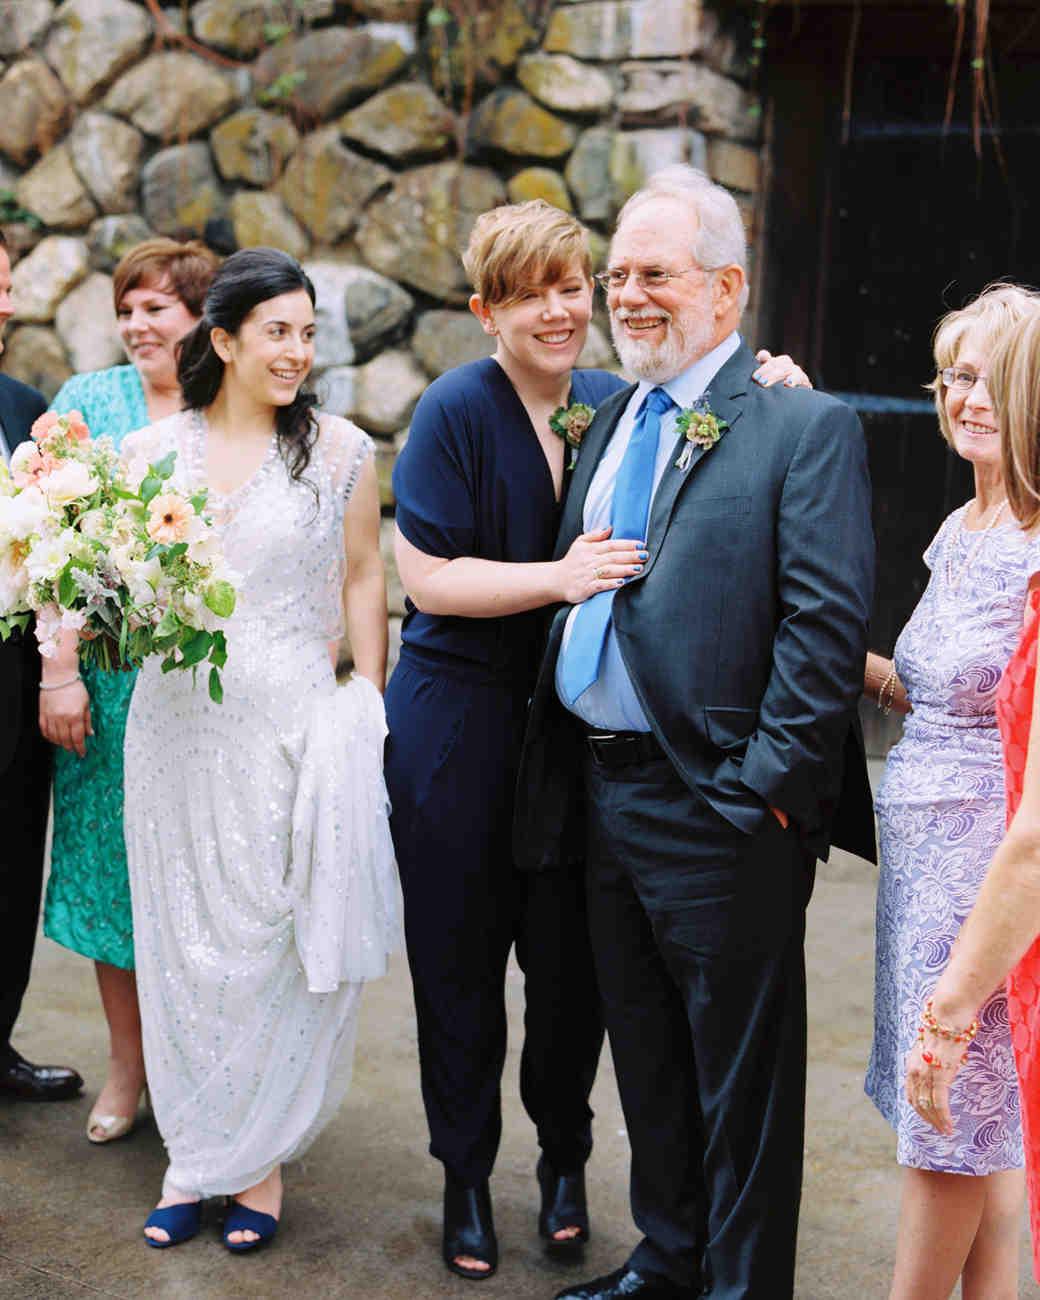 sydney-christina-wedding-family-028-s111743-0115.jpg